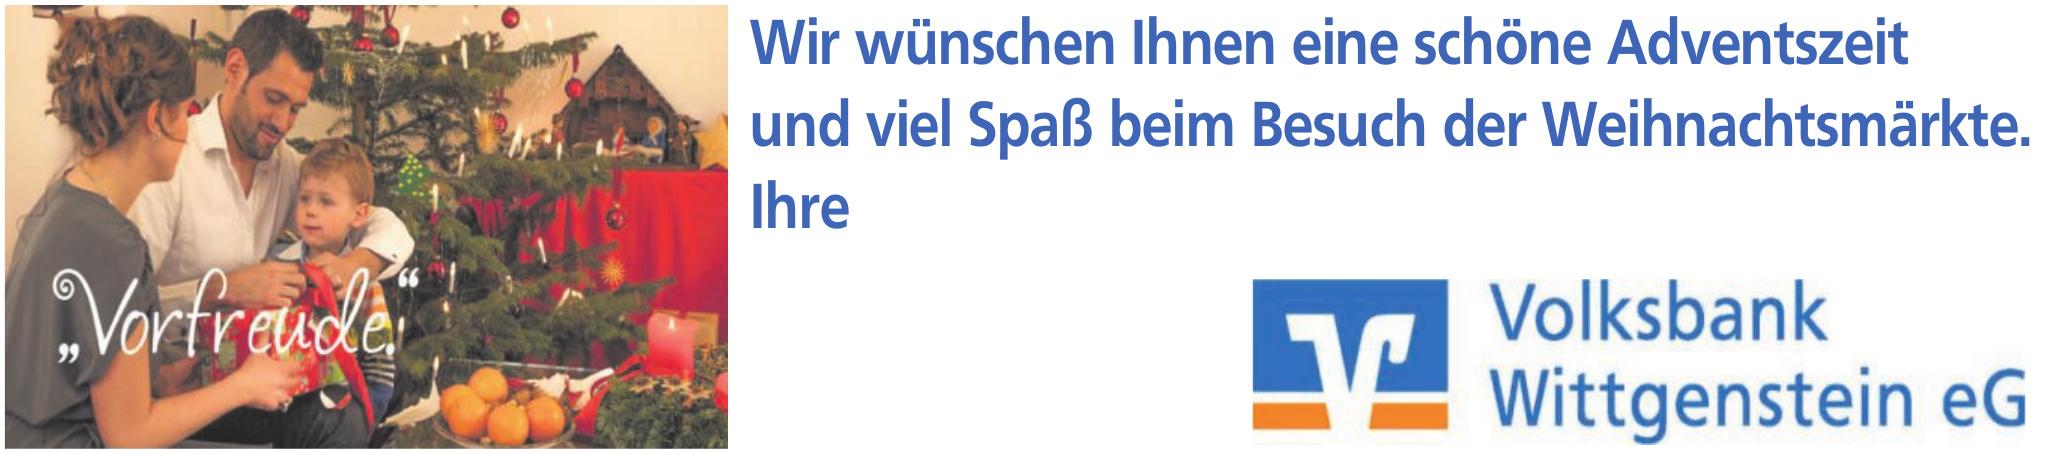 Volksbank Wittgenstein eG